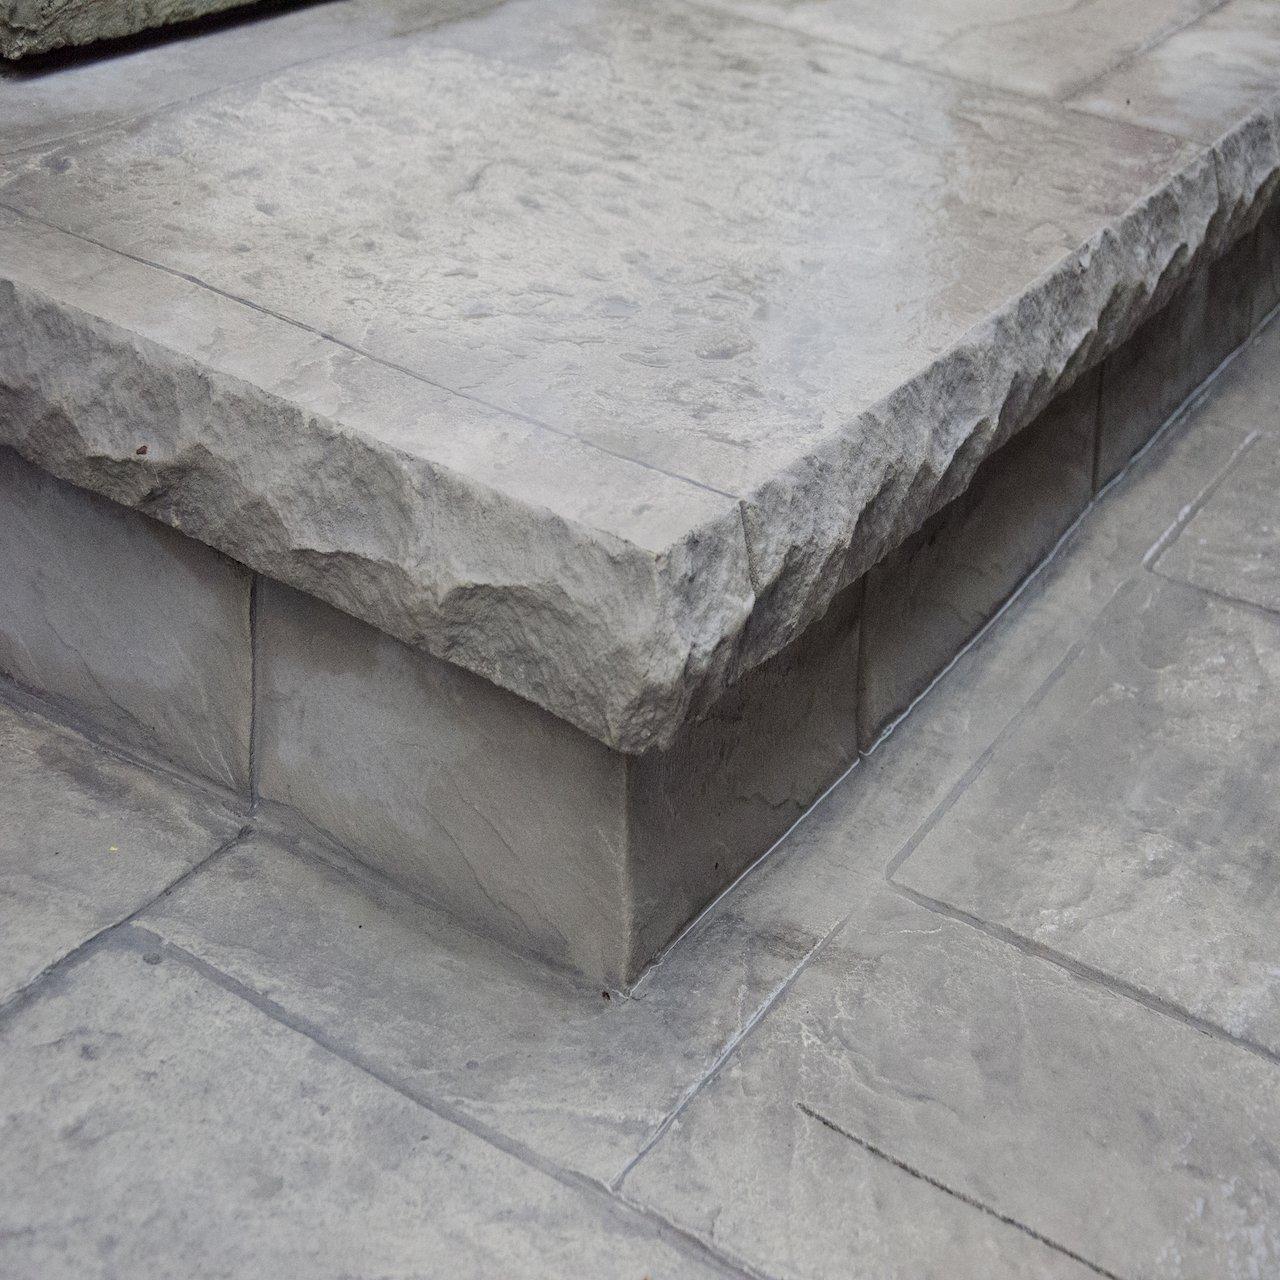 DecoMax Concrete - Concrete Bullnose Gallery - 005